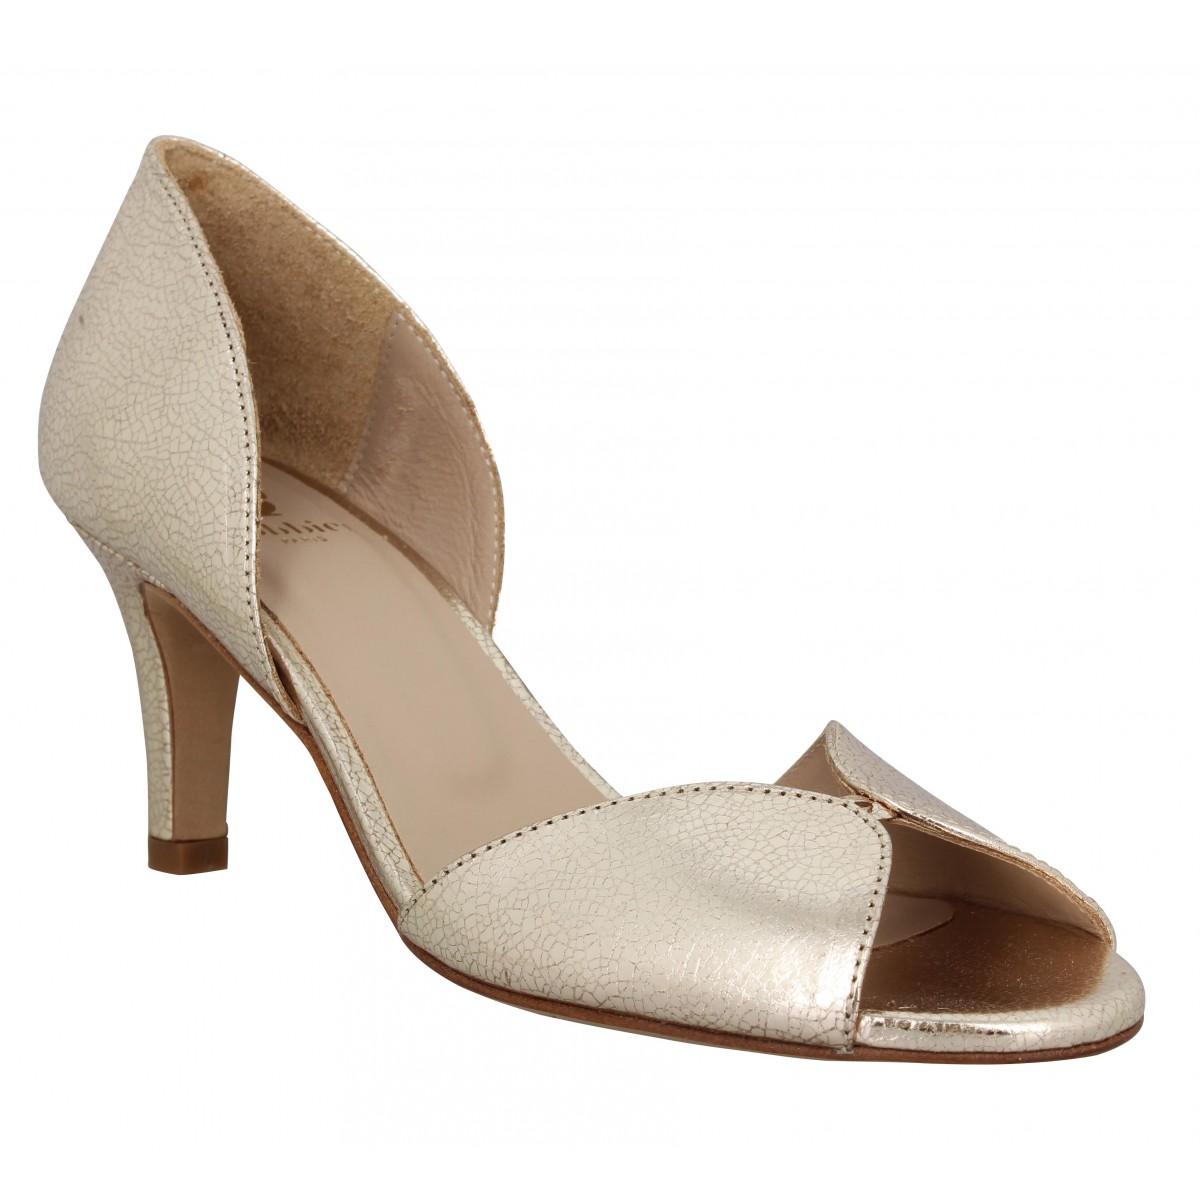 Sandales talons BOBBIES La Secrete cuir craquele Femme Dore